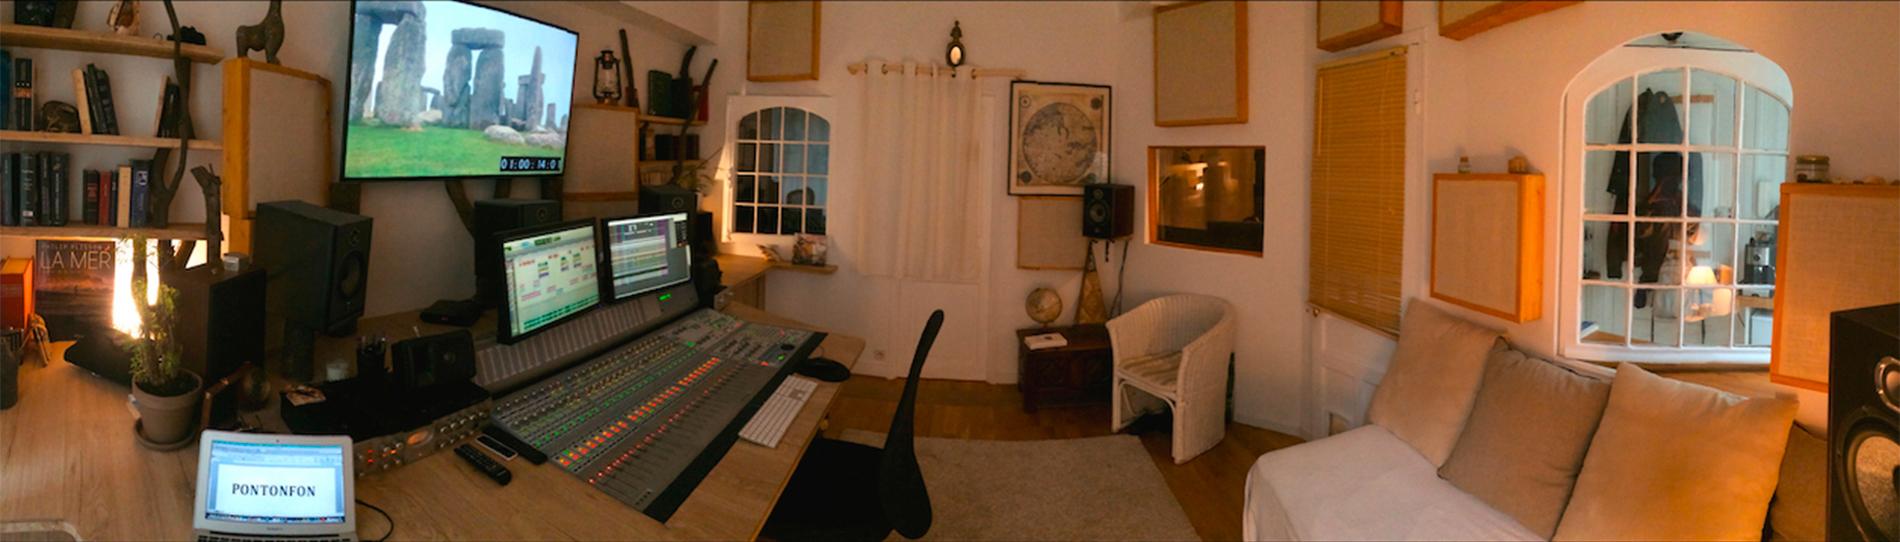 Studio son Paris 12